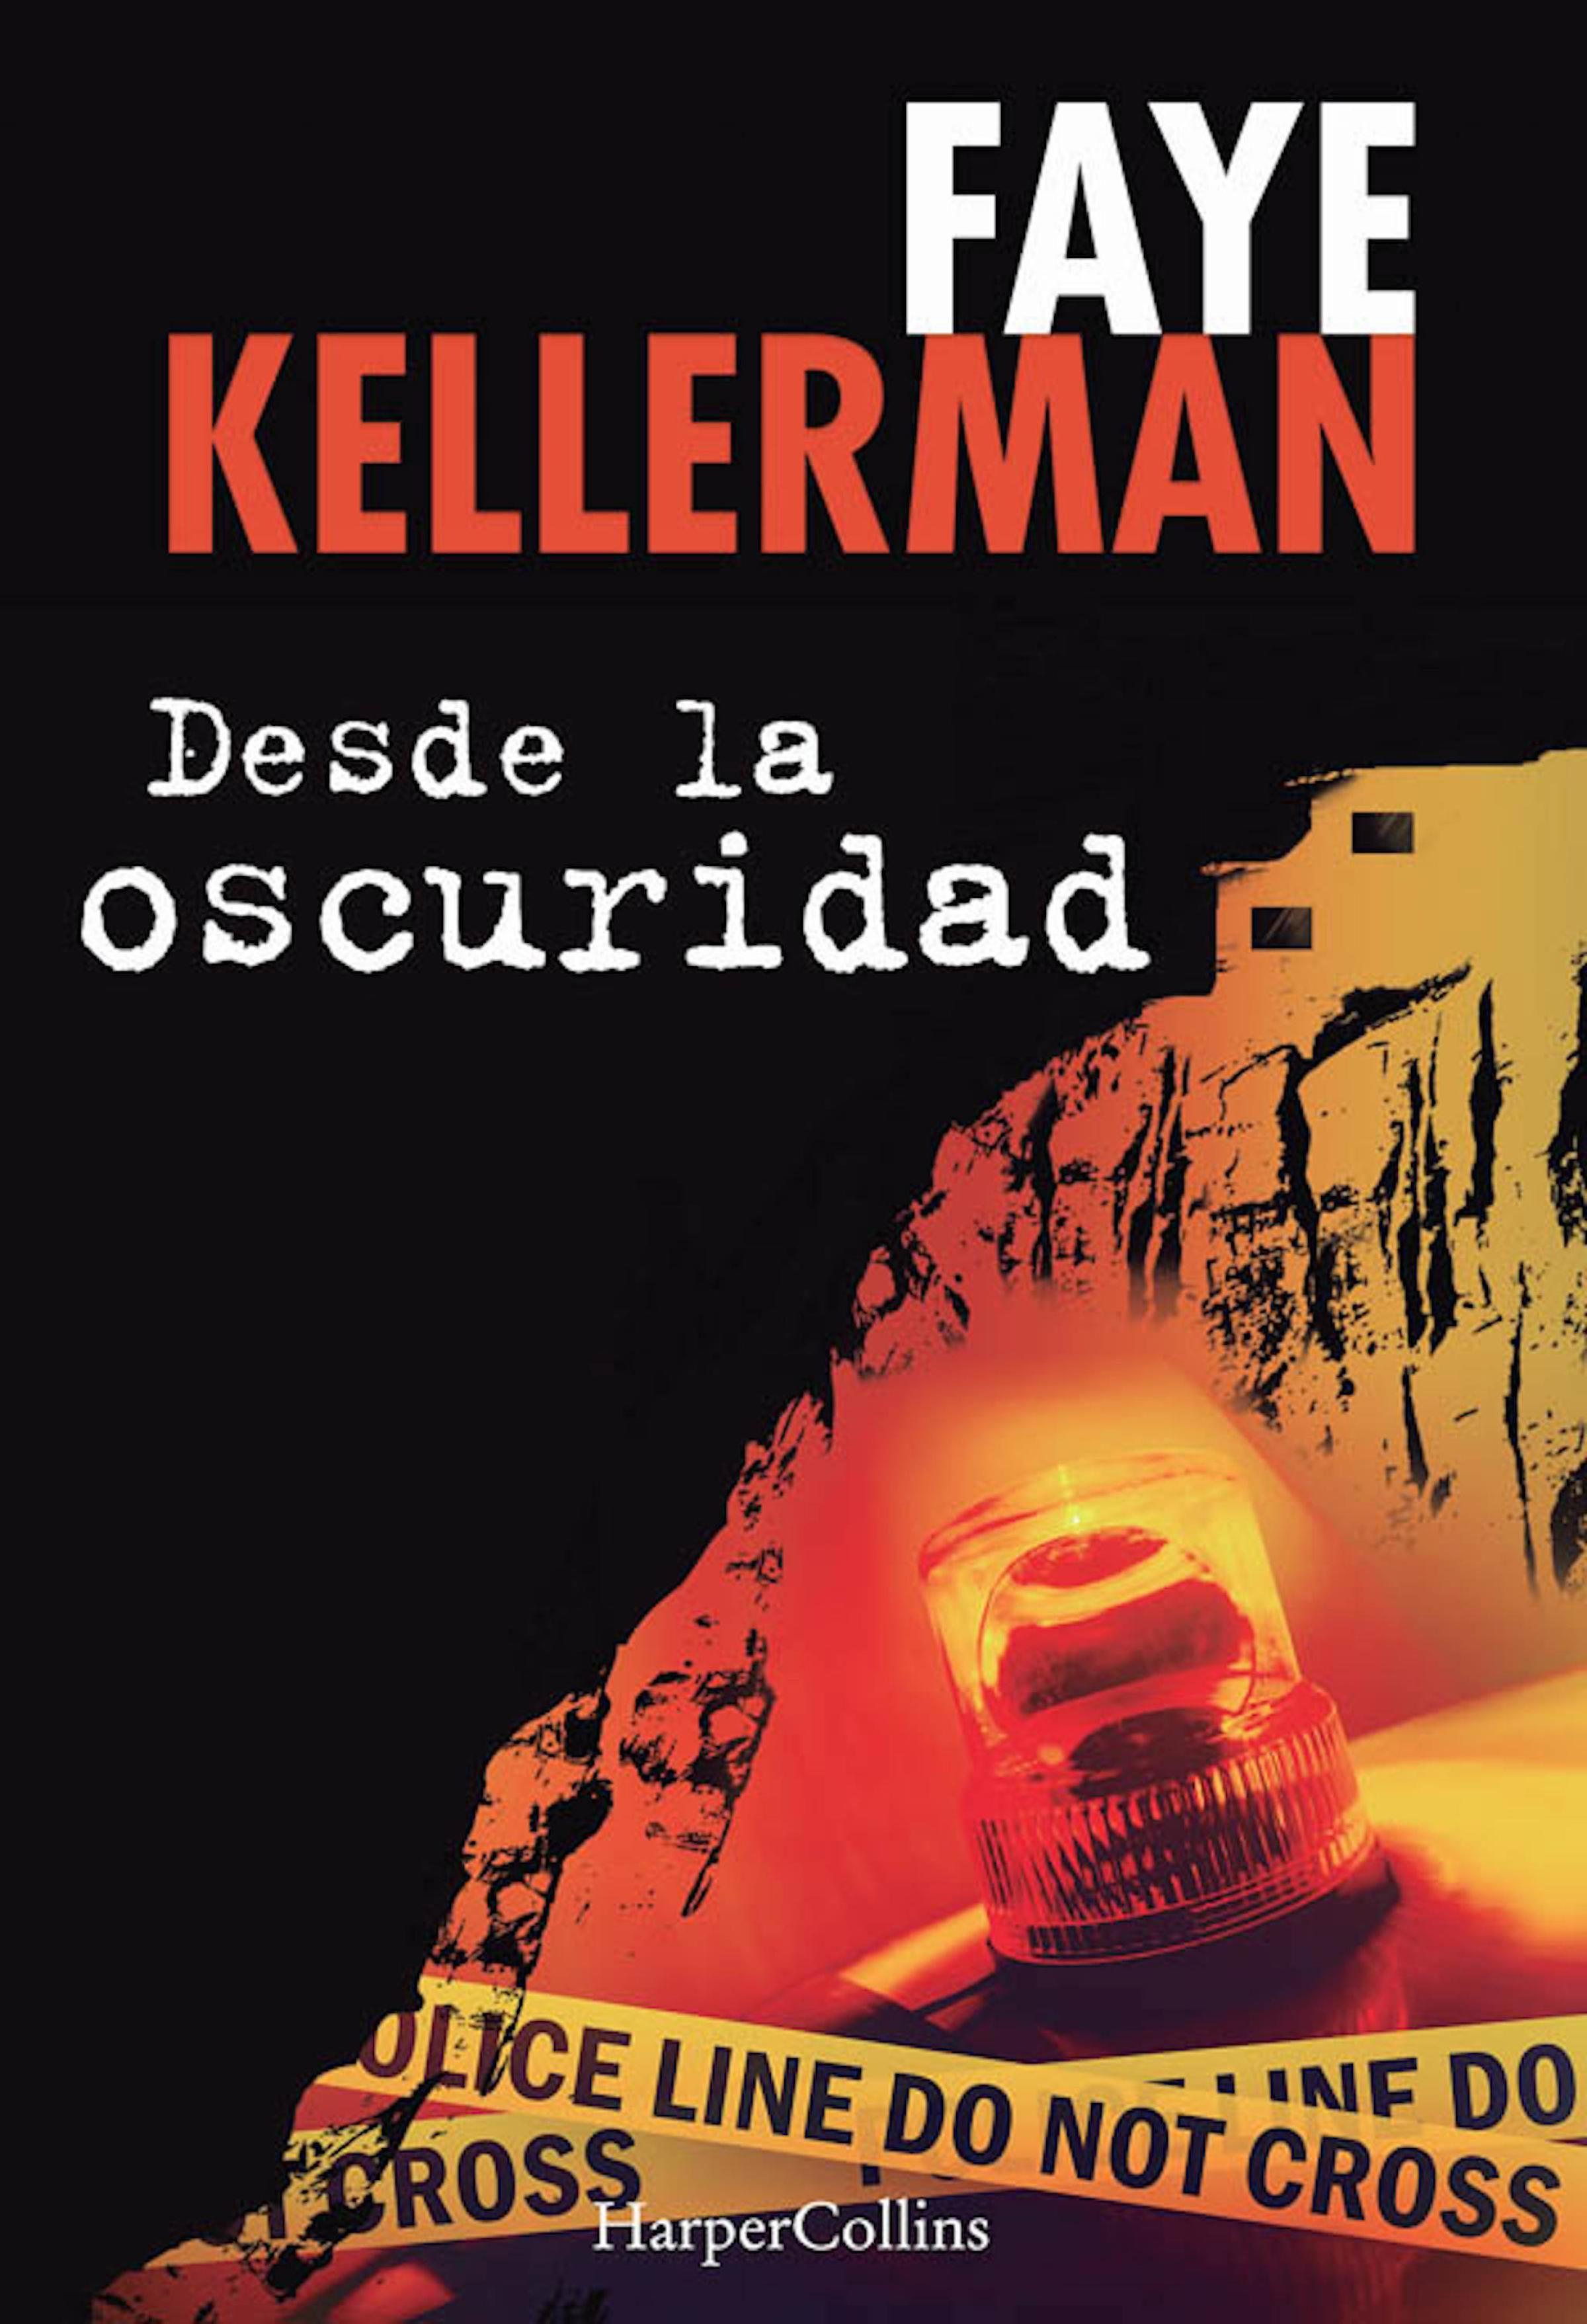 Desde la oscuridad - Faye Kellerman (Peter Decker & Rina Lazarus, 18) 9788416502059